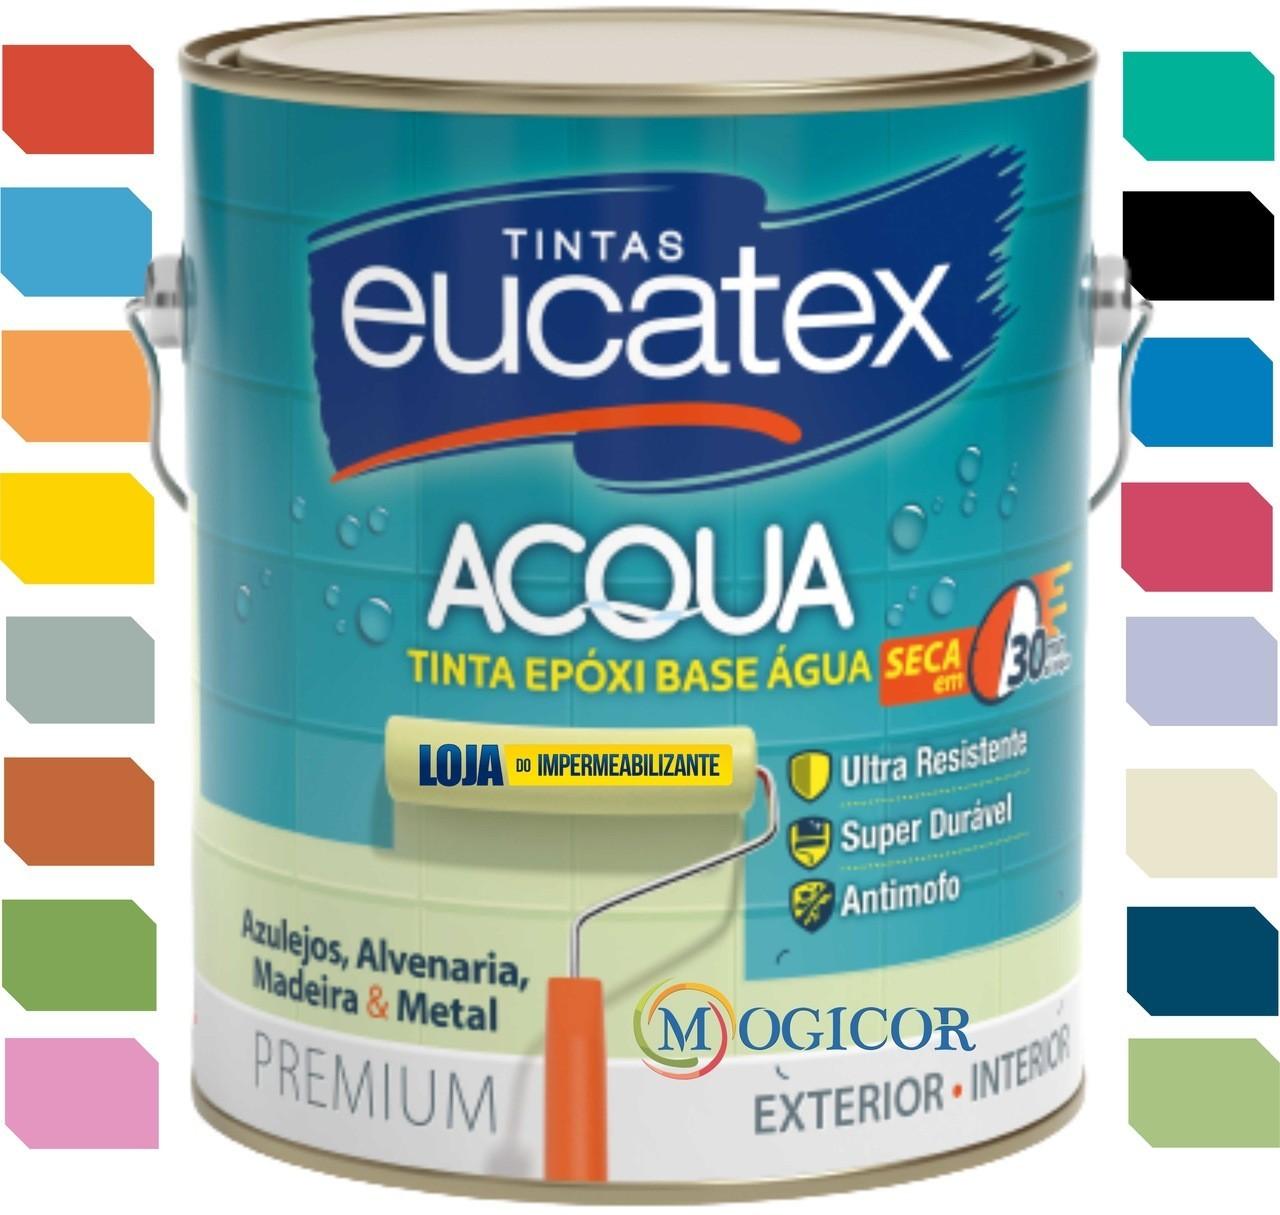 Tinta Epóxi Base Água 3,6l - Eucatex